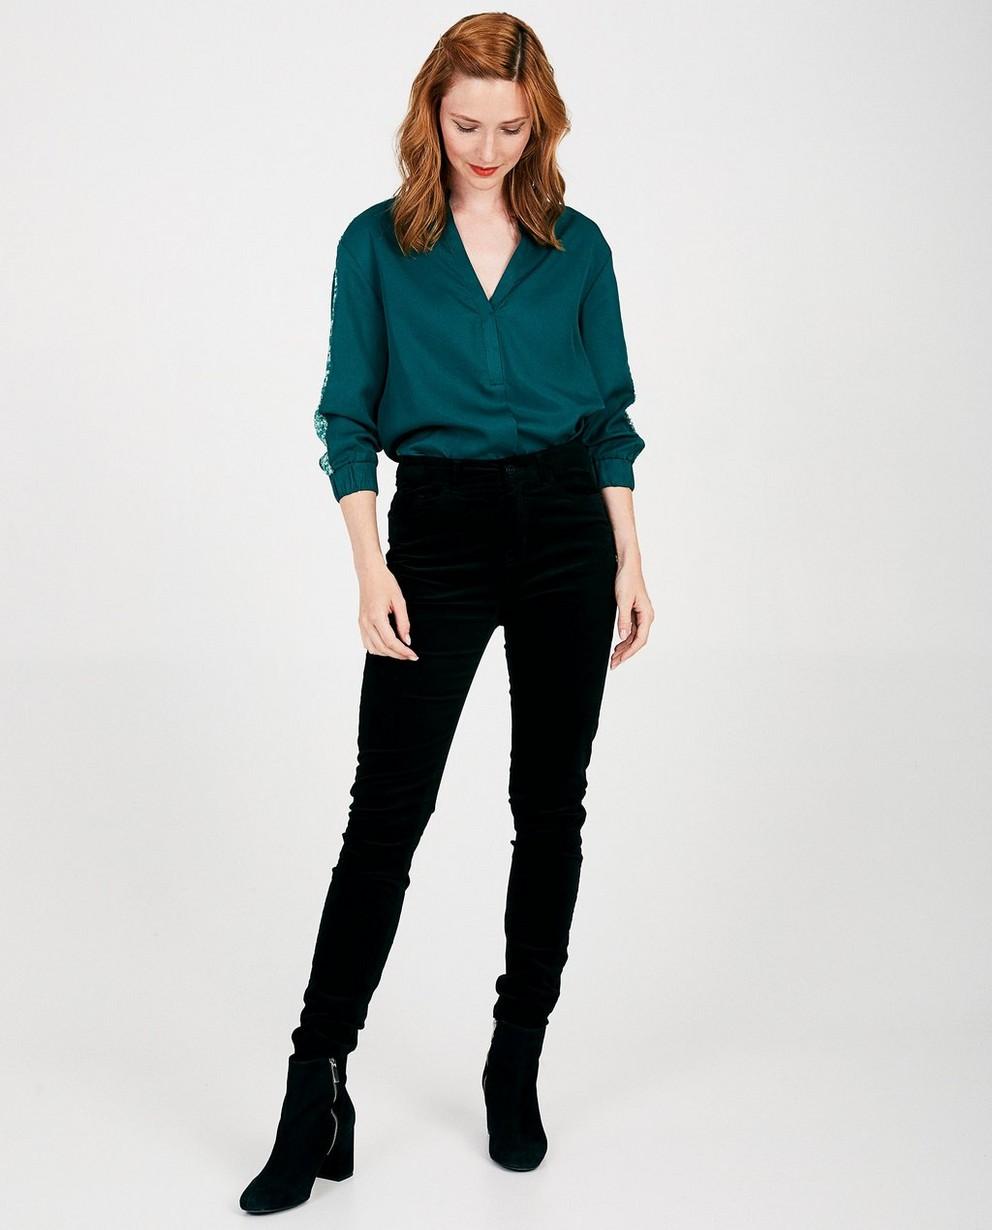 Groene blouse van lyocell Sora - van lyocell - Sora